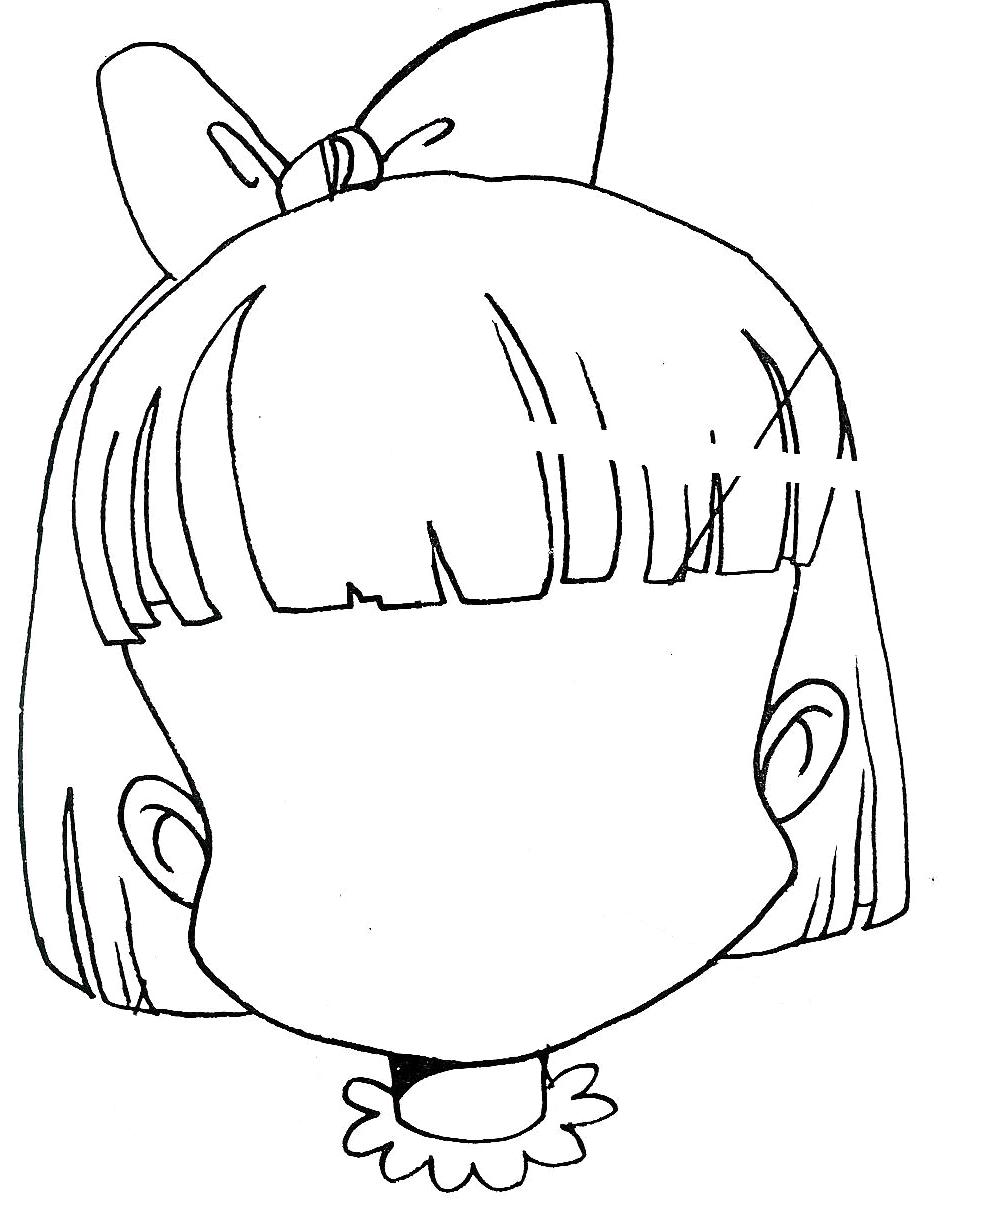 Cara de enojado para colorear - Imagui